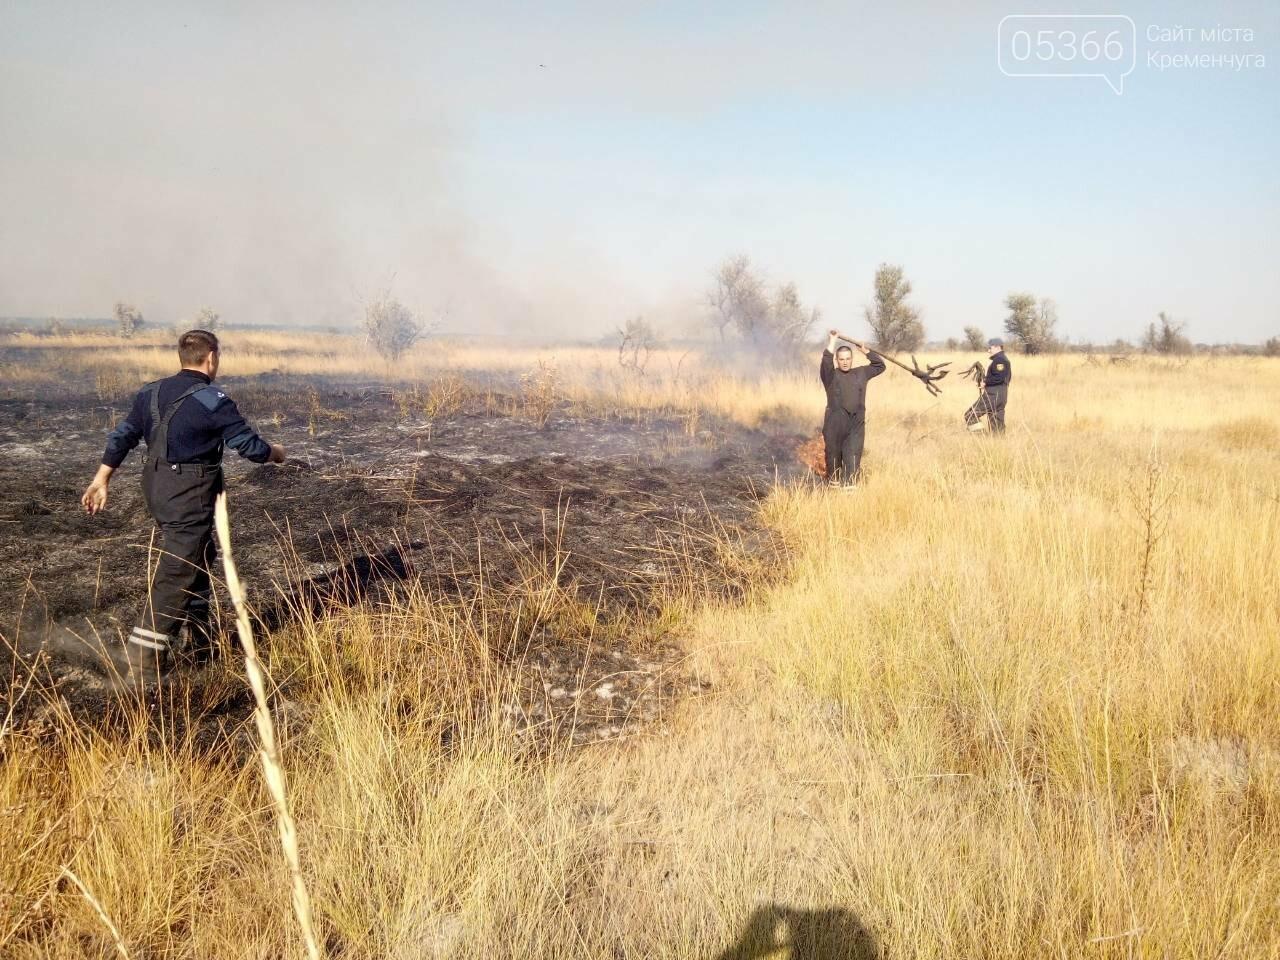 У Кременчуцькому районі горіло 43 гектари сухої рослинності: рятувальники виявили труп, фото-5